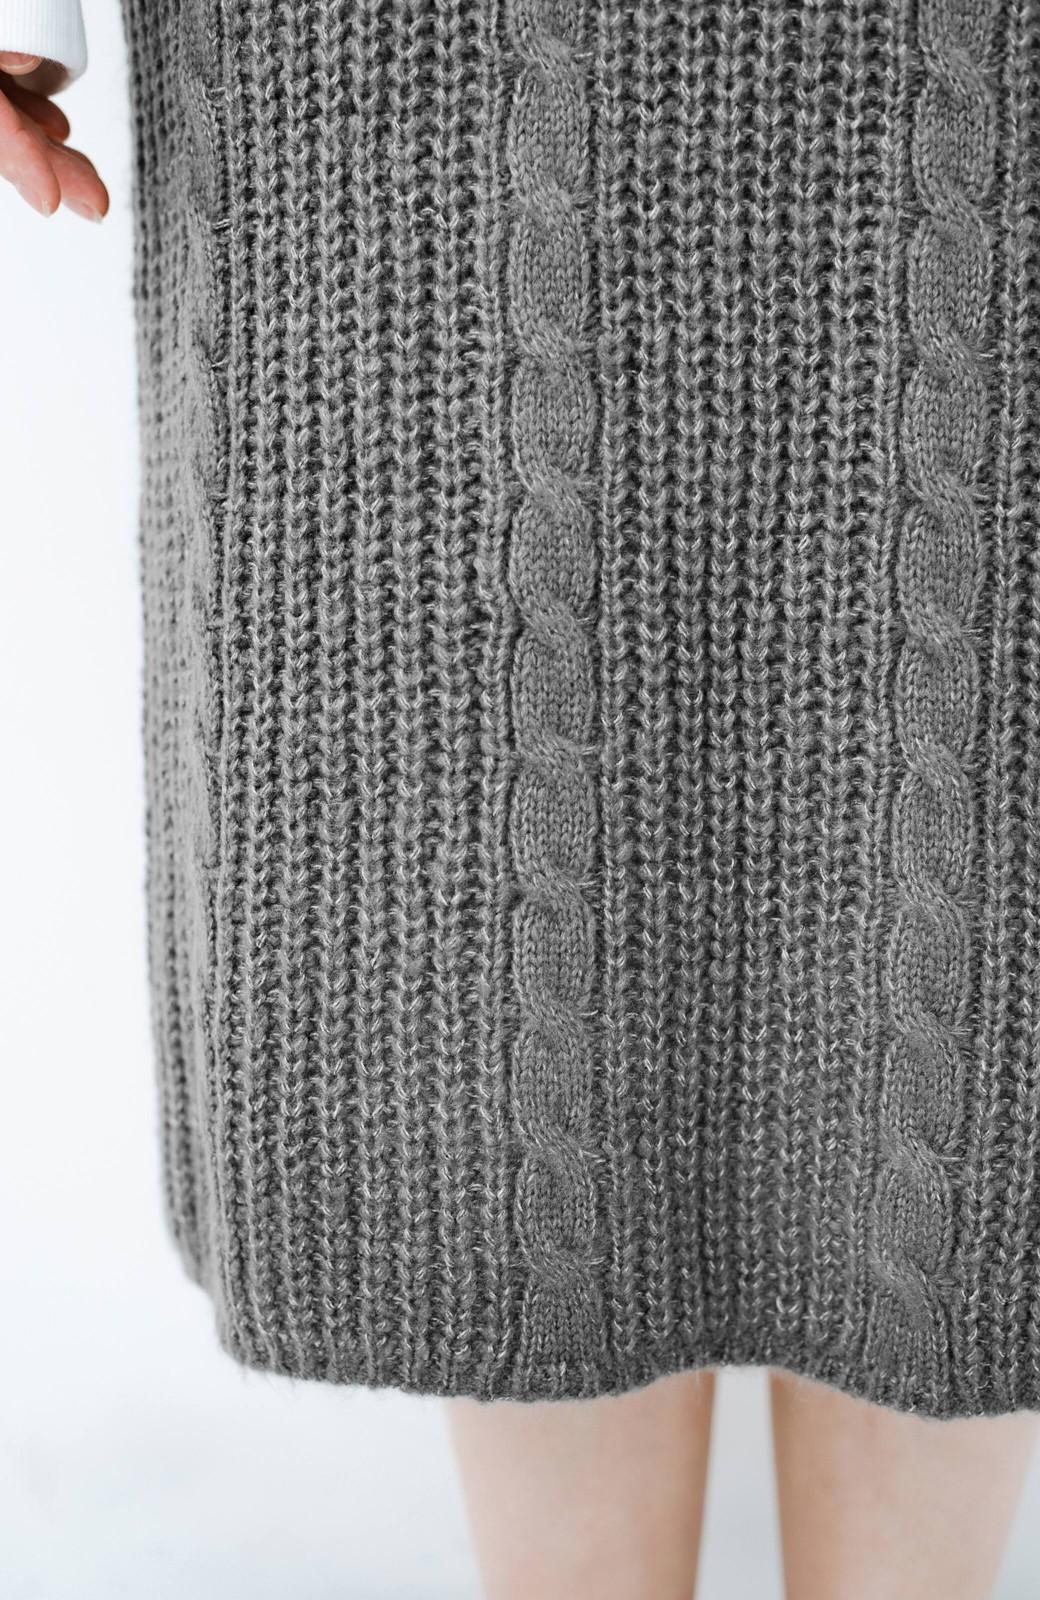 haco! しまった!寝坊した!ってときにも安心なケーブル編みがかわいいニットアップ <グレー>の商品写真8